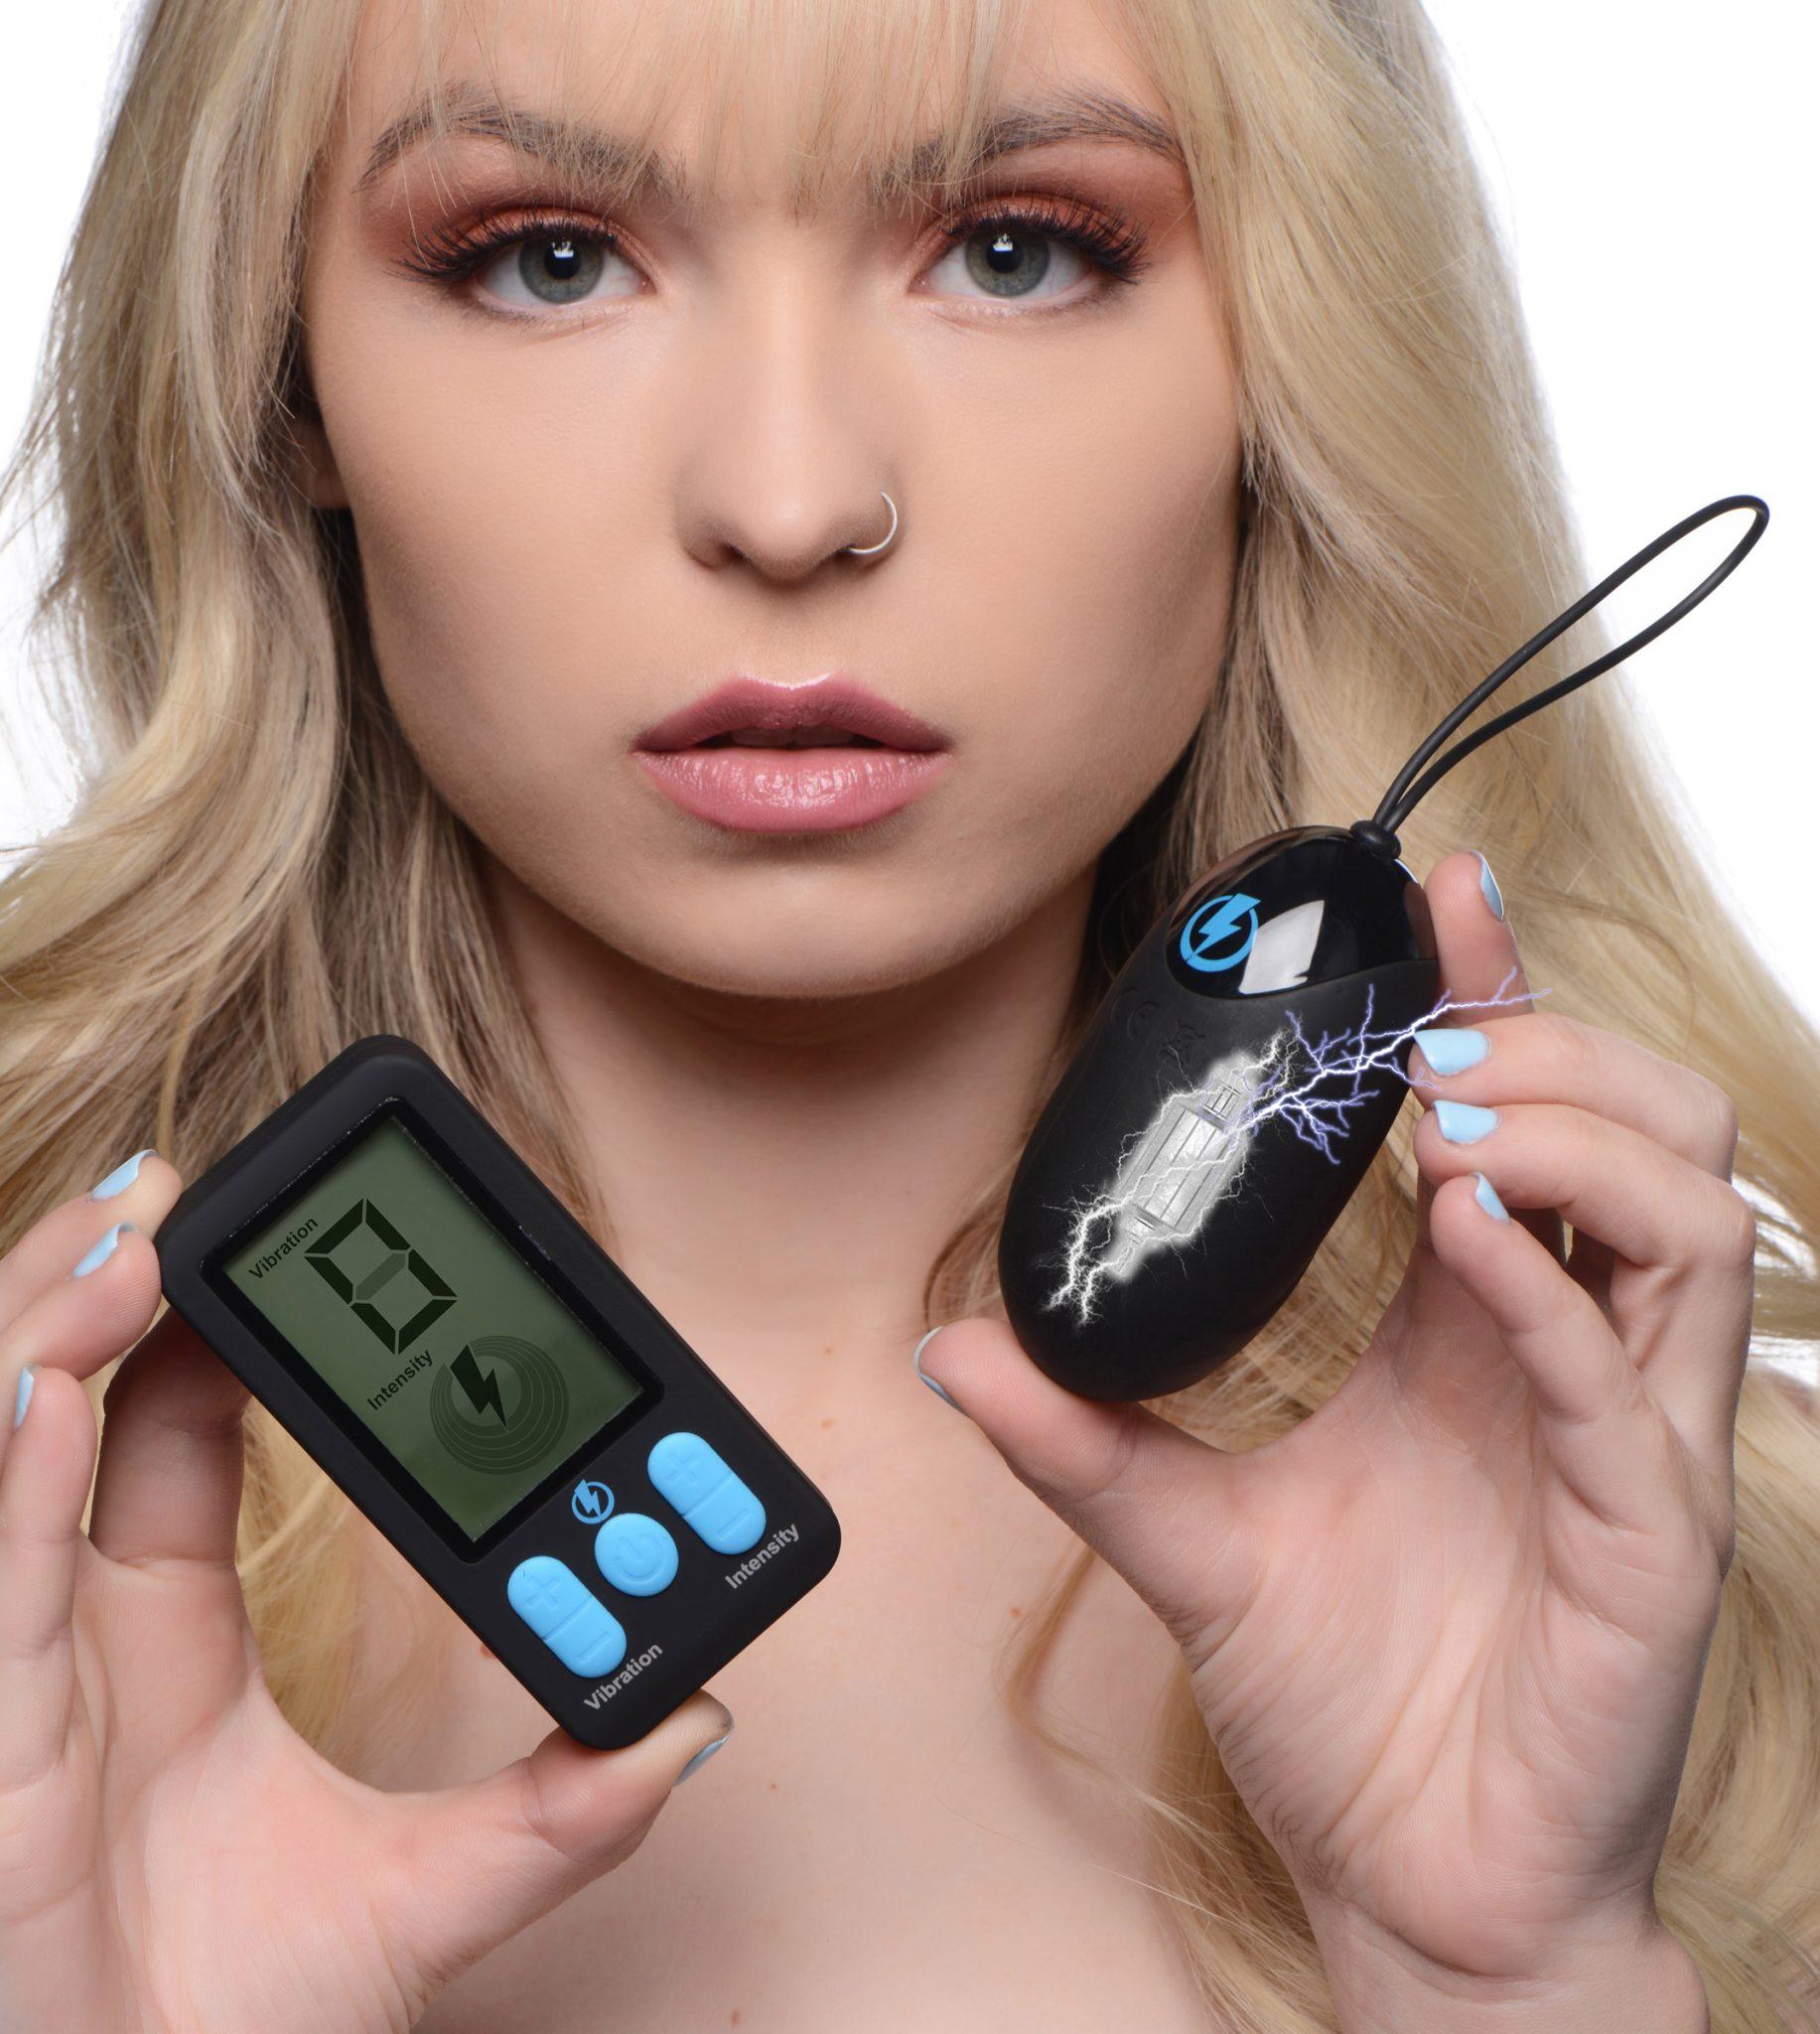 E-Stim Pro Silicone Vibrating Egg with Remote Control